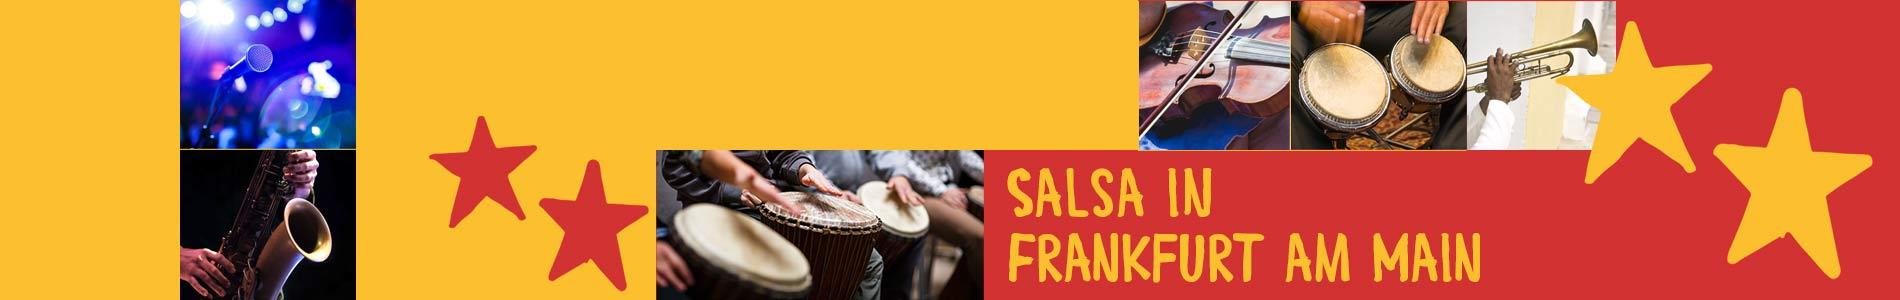 Salsa in Frankfurt am Main – Salsa lernen und tanzen, Tanzkurse, Partys, Veranstaltungen